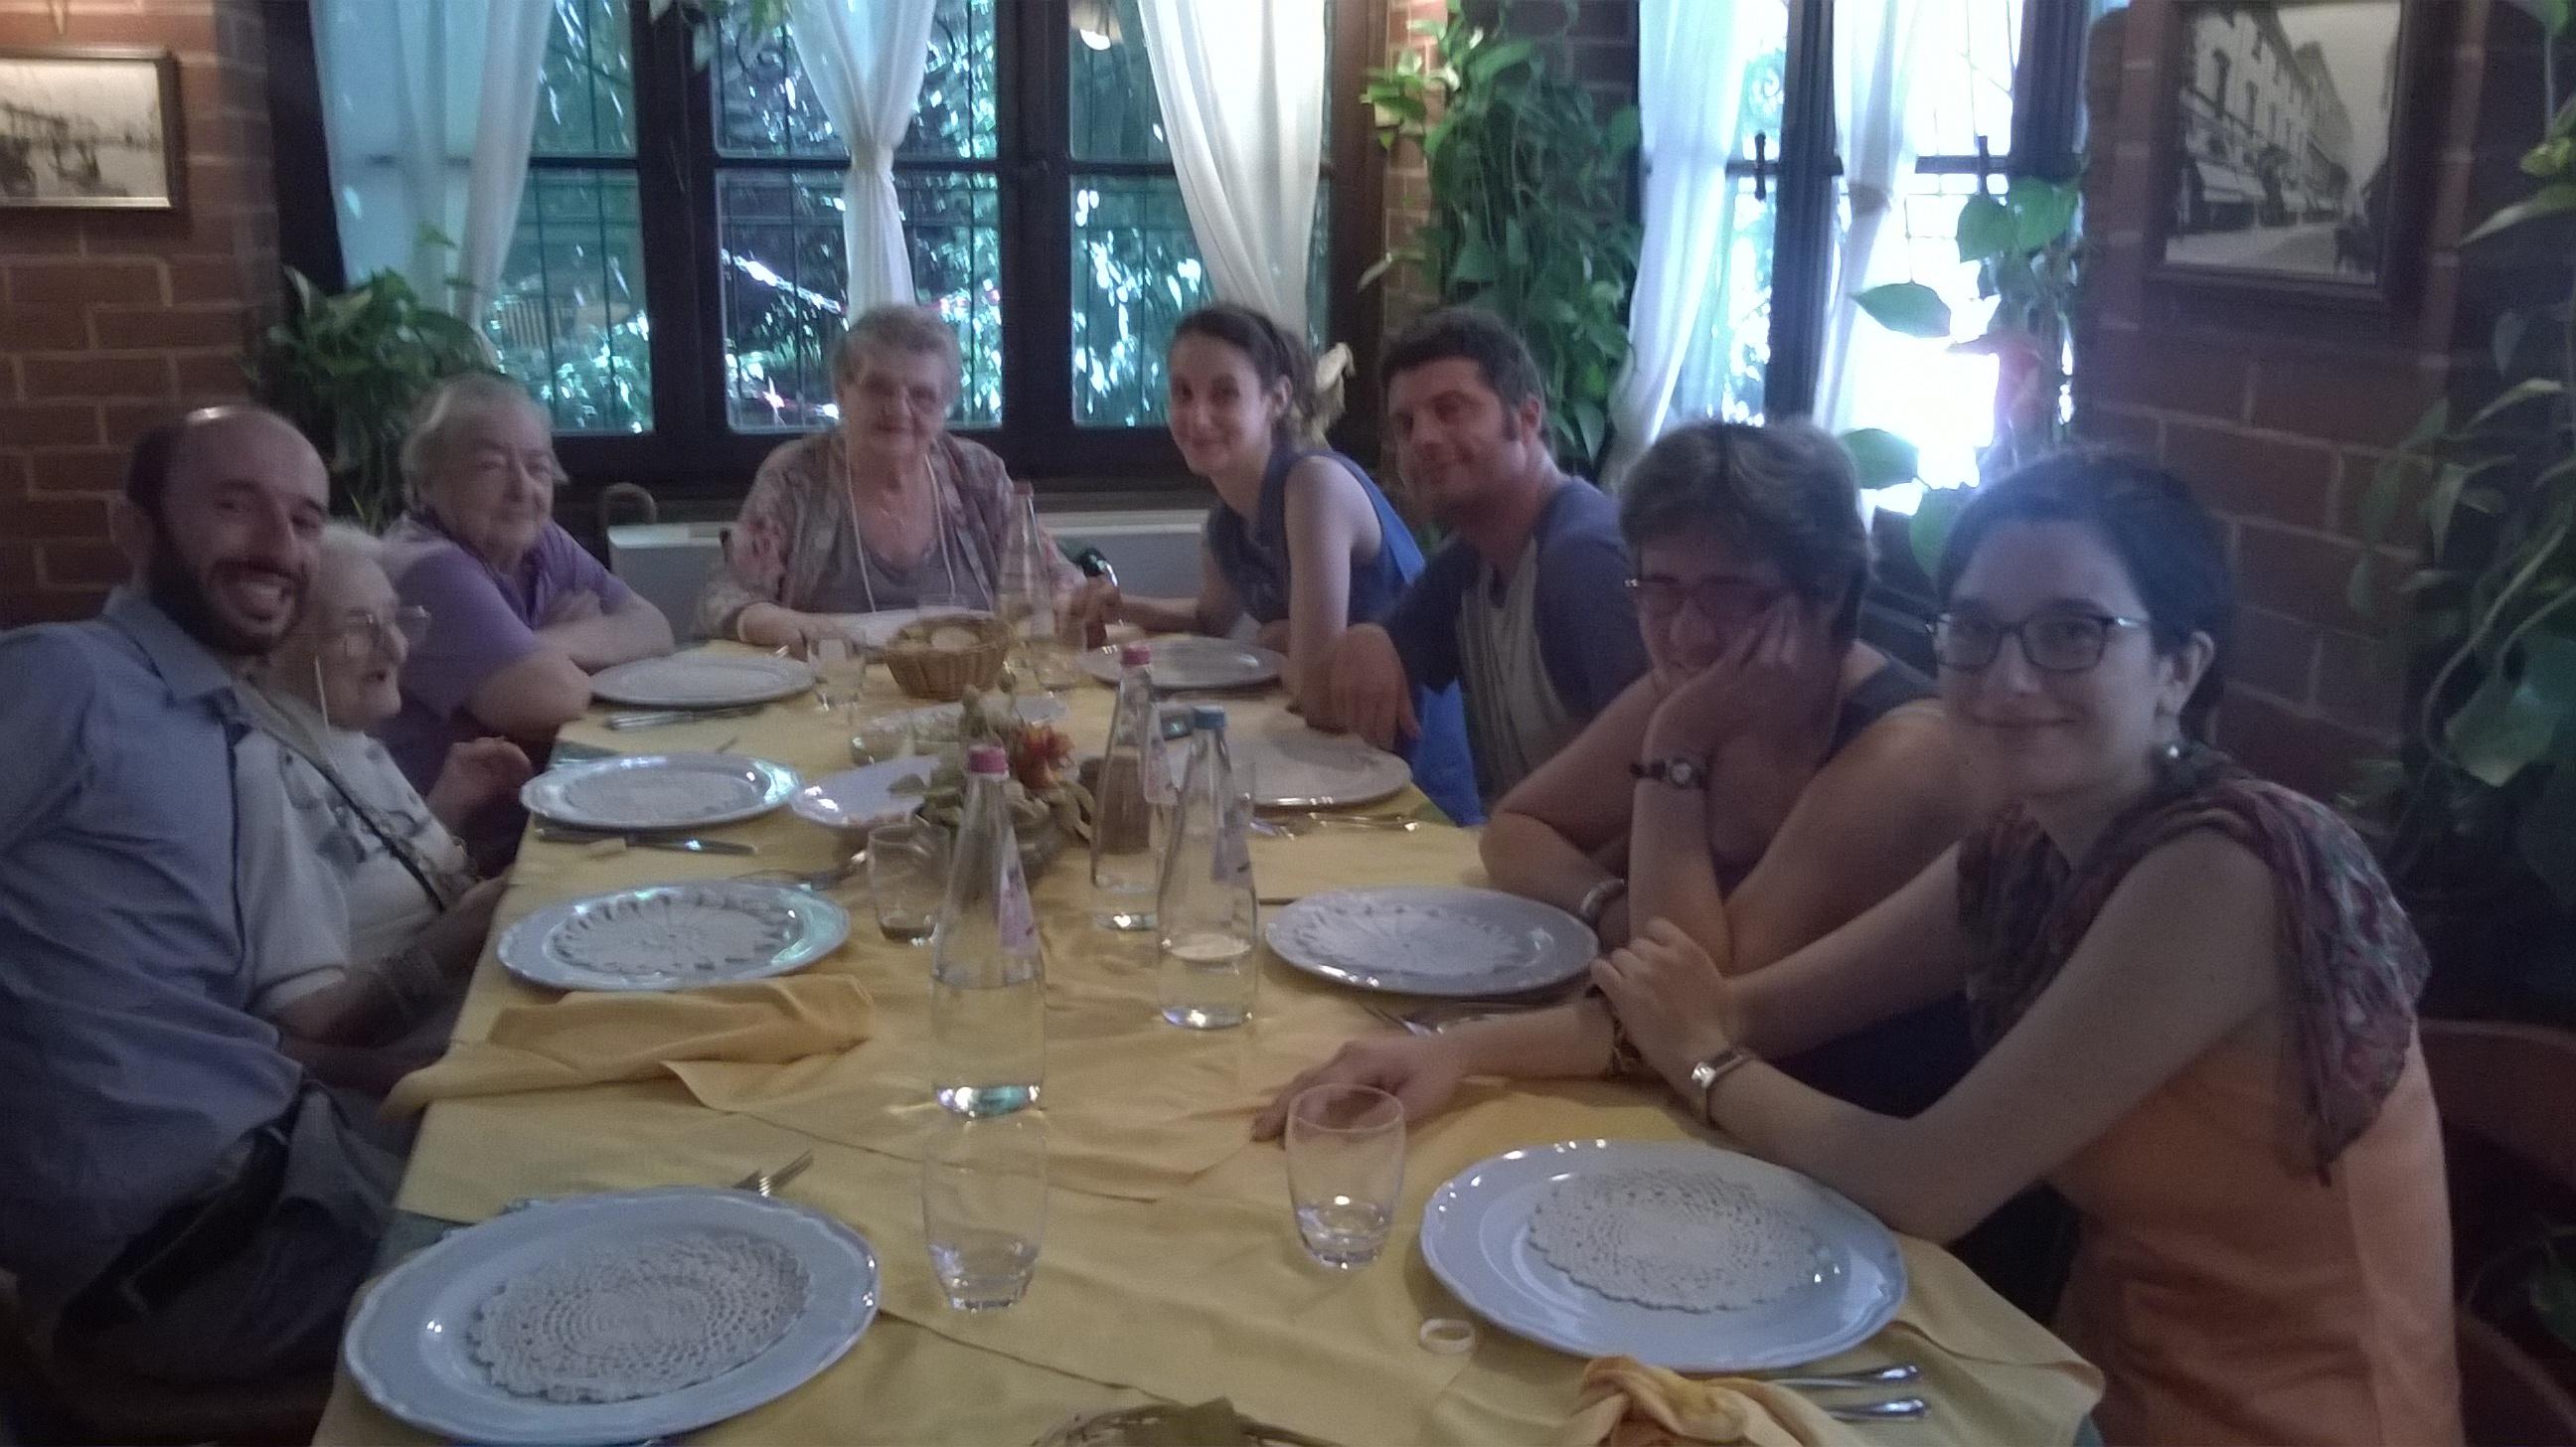 #estatesolidali a Pavia: un week end con gli anziani contro la solitudine e il caldo